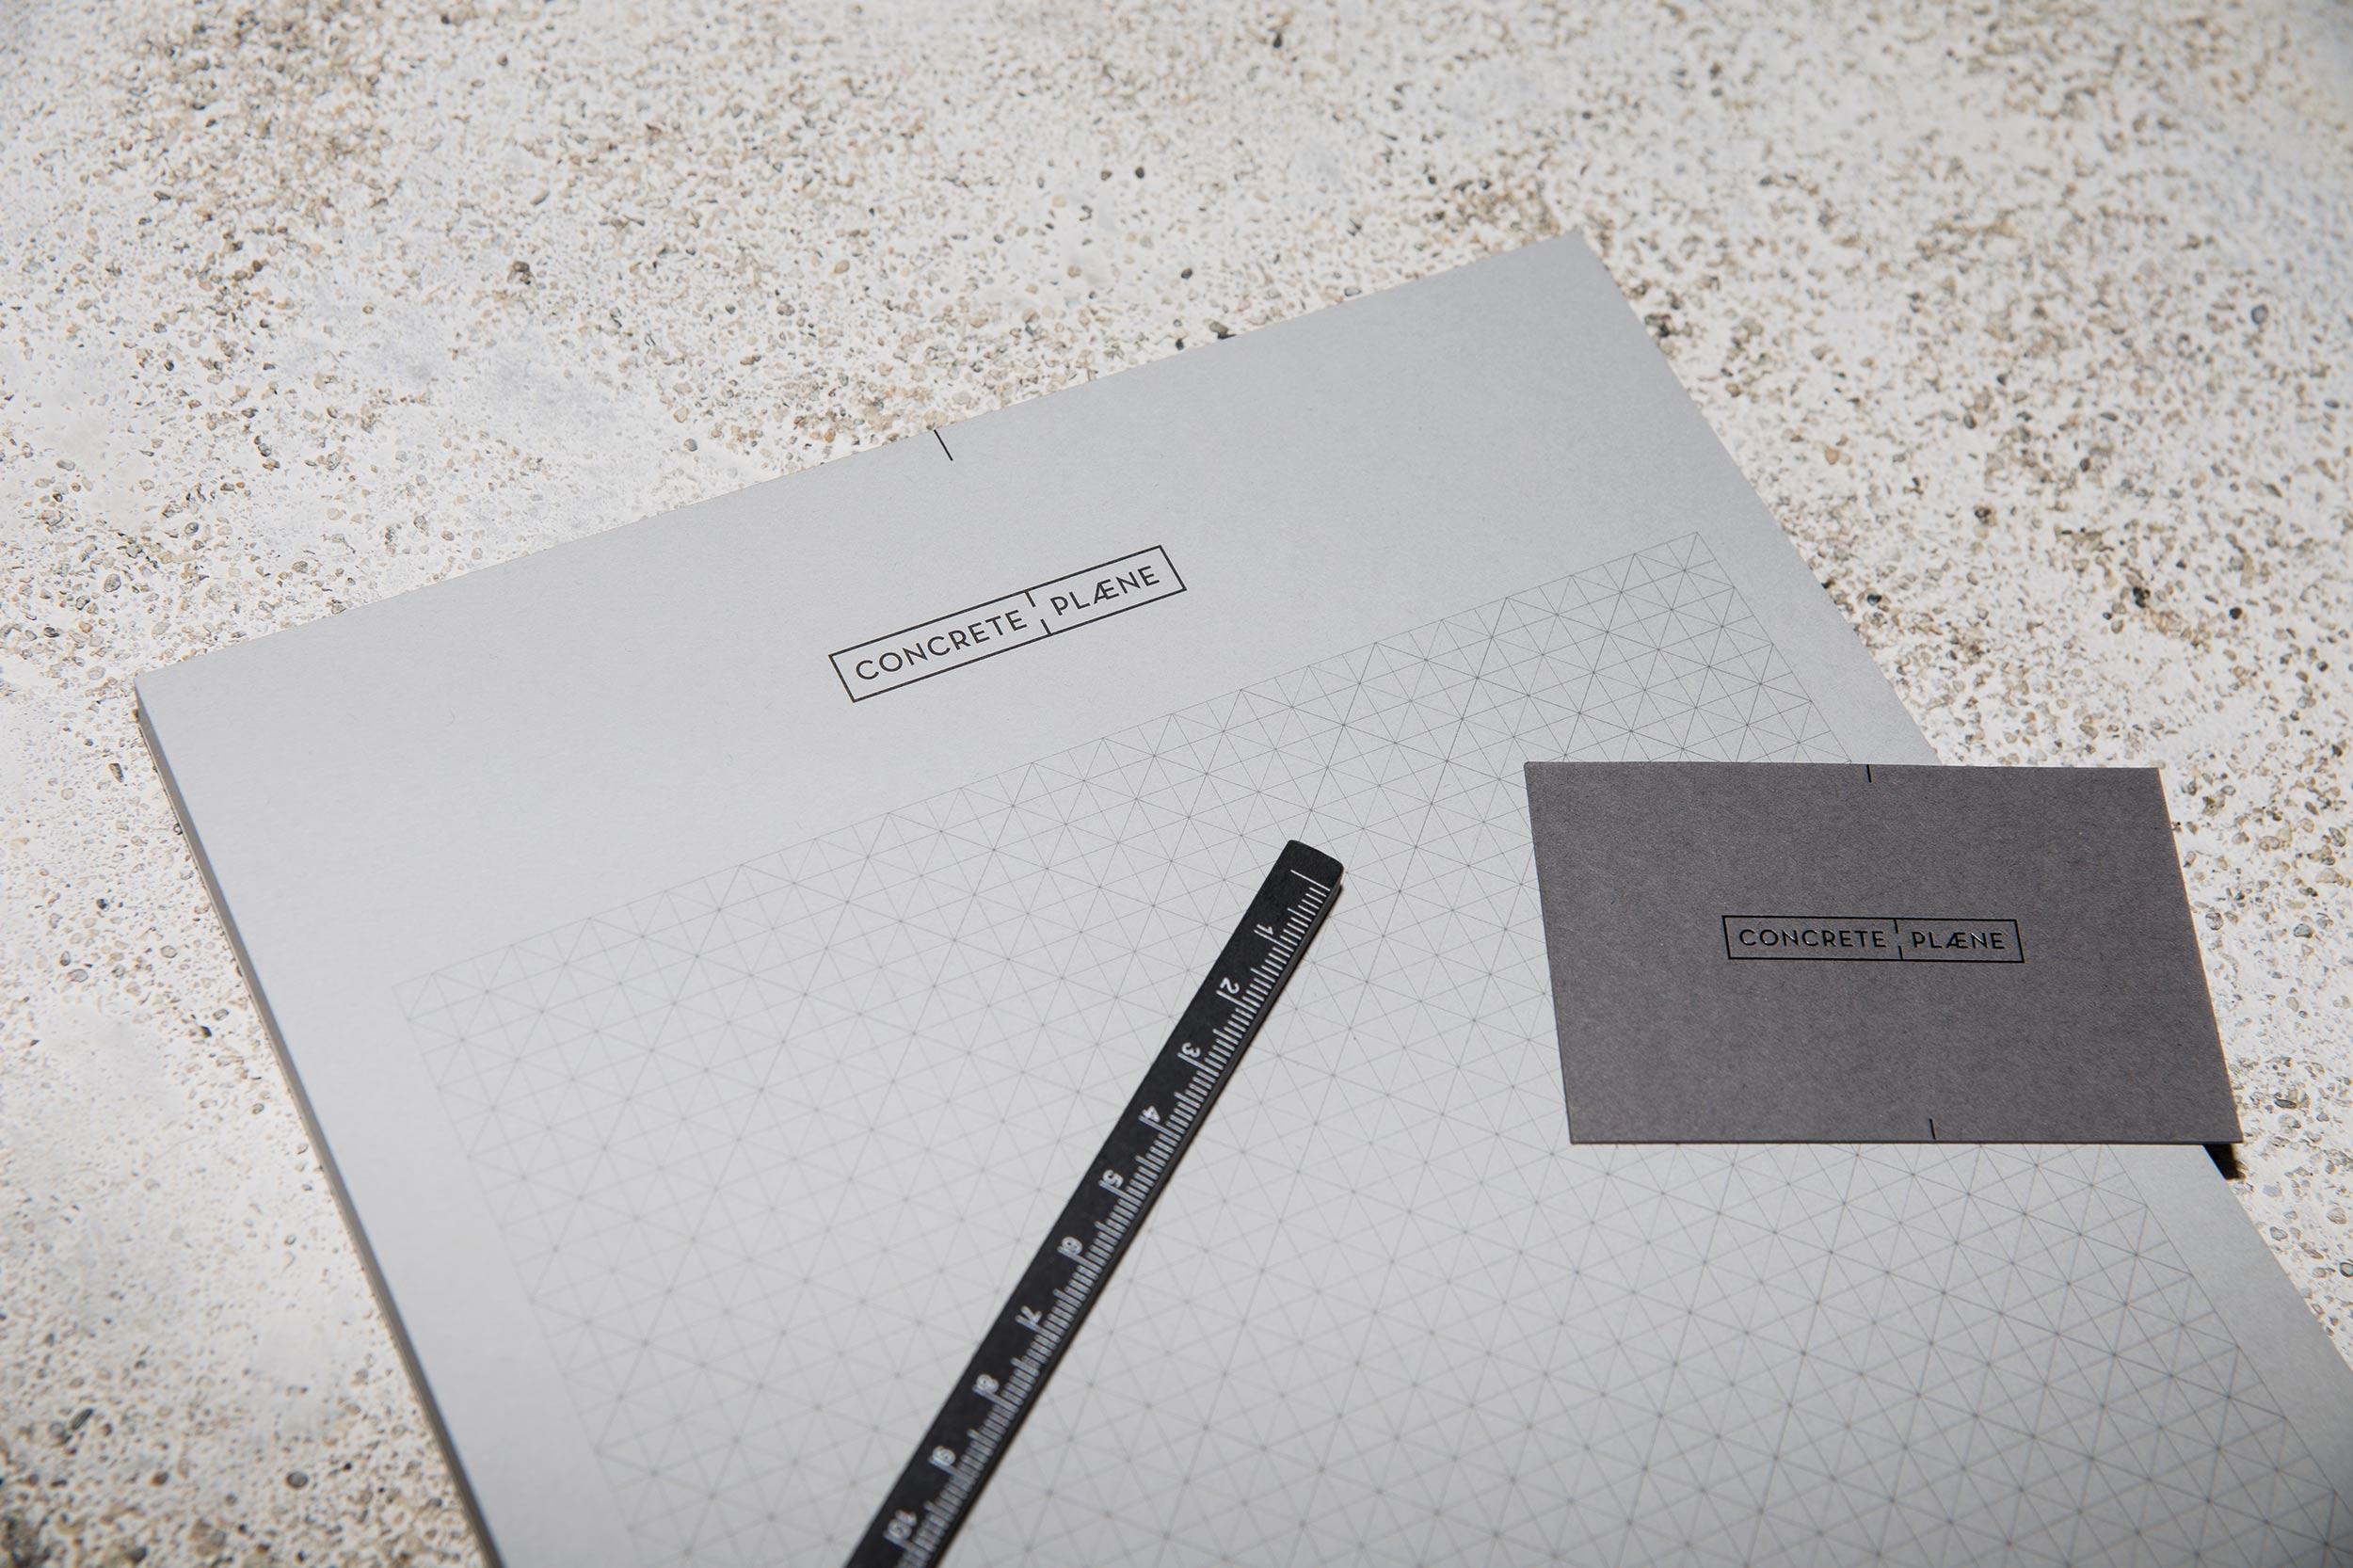 TROPEN-ConcretePlaene-04.jpg